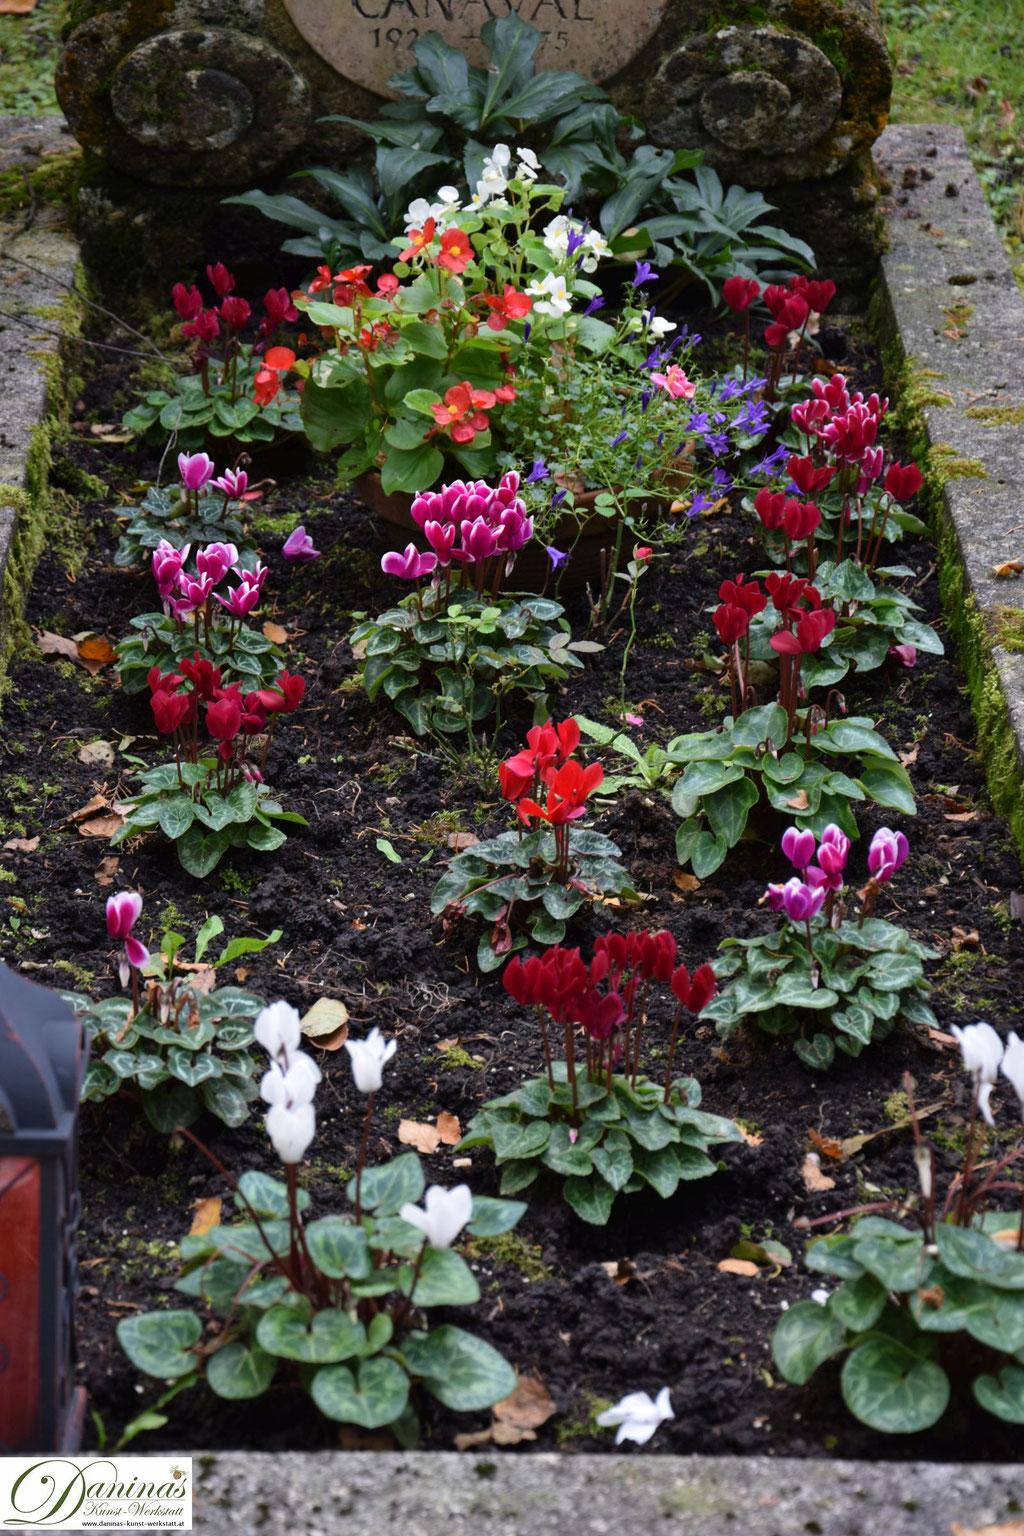 Grabgestaltung und schöne Grabbepflanzung im Herbst. Beispiele und Ideen zum Selbermachen.